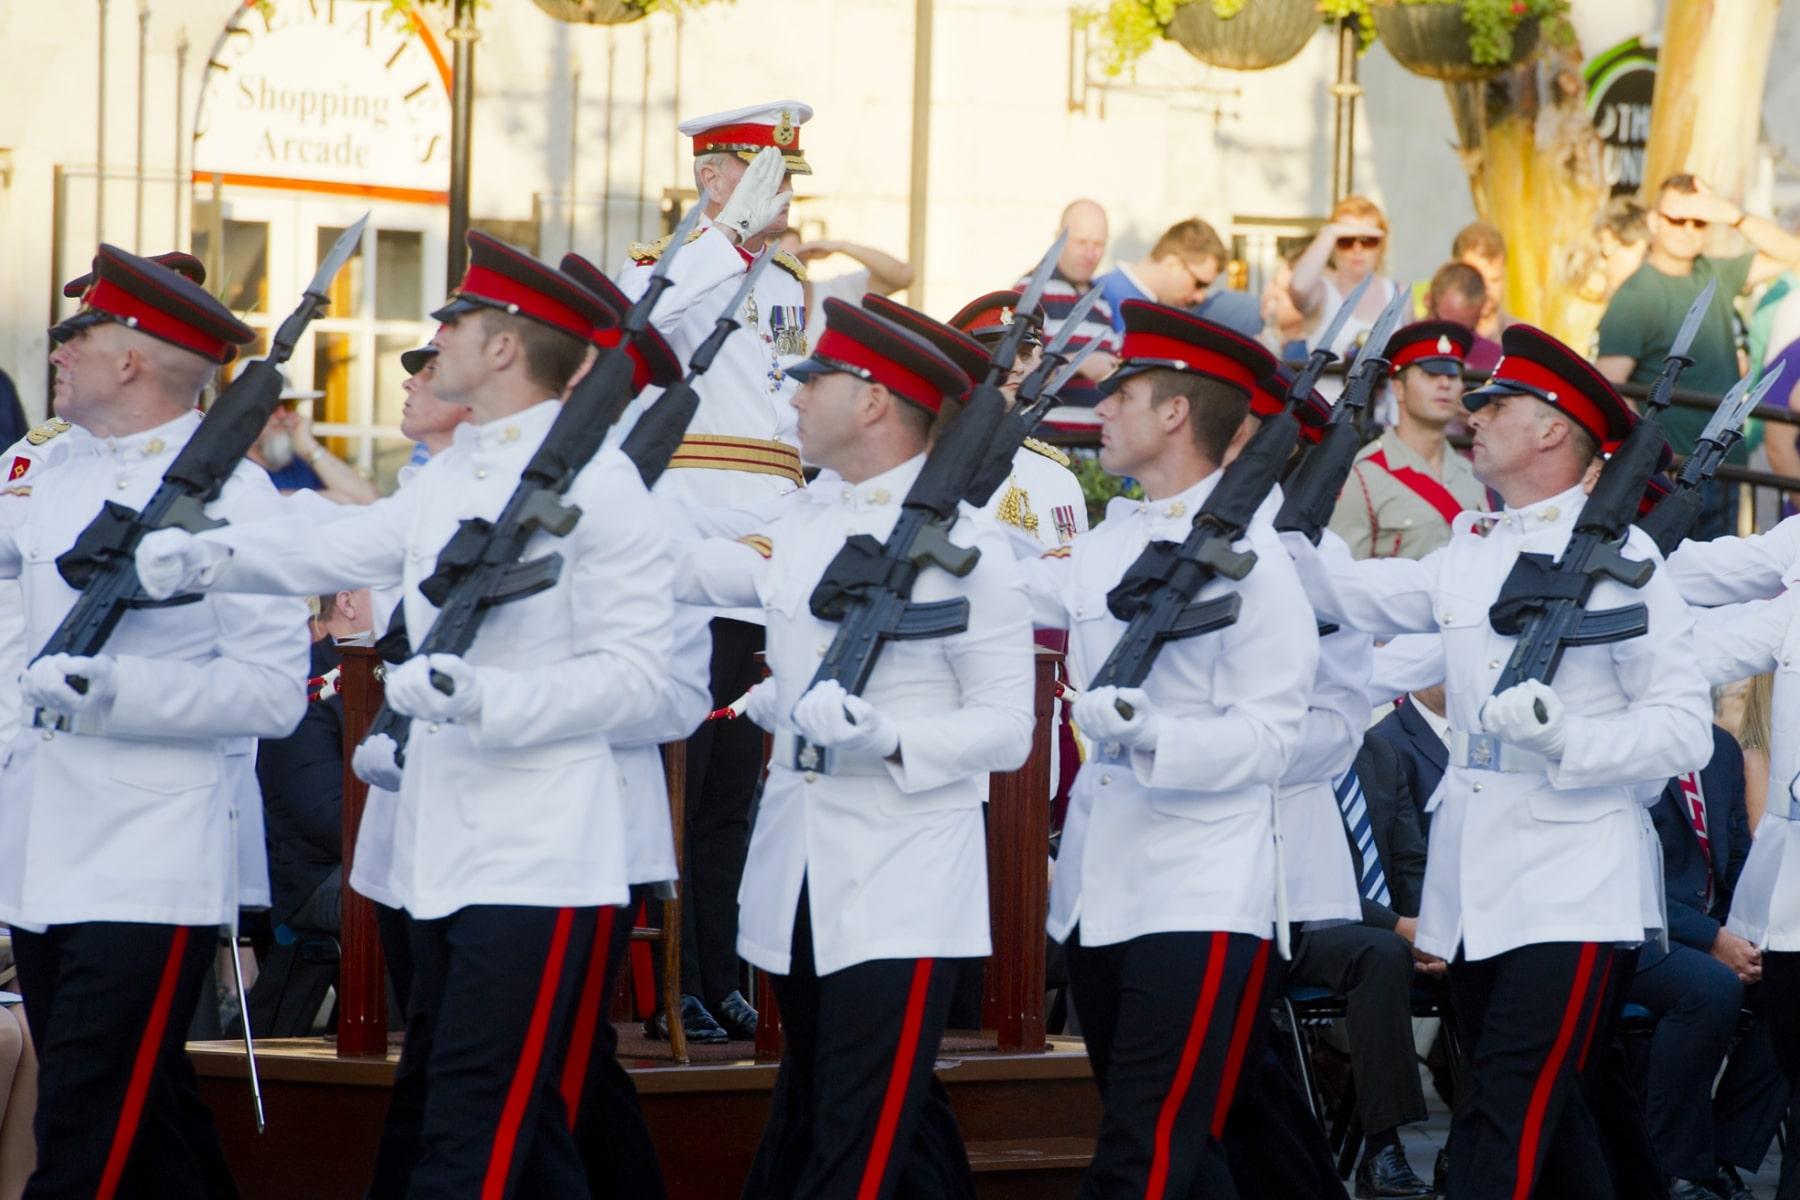 ceremonia-de-las-llaves-gibraltar-25092014-16_15171098699_o